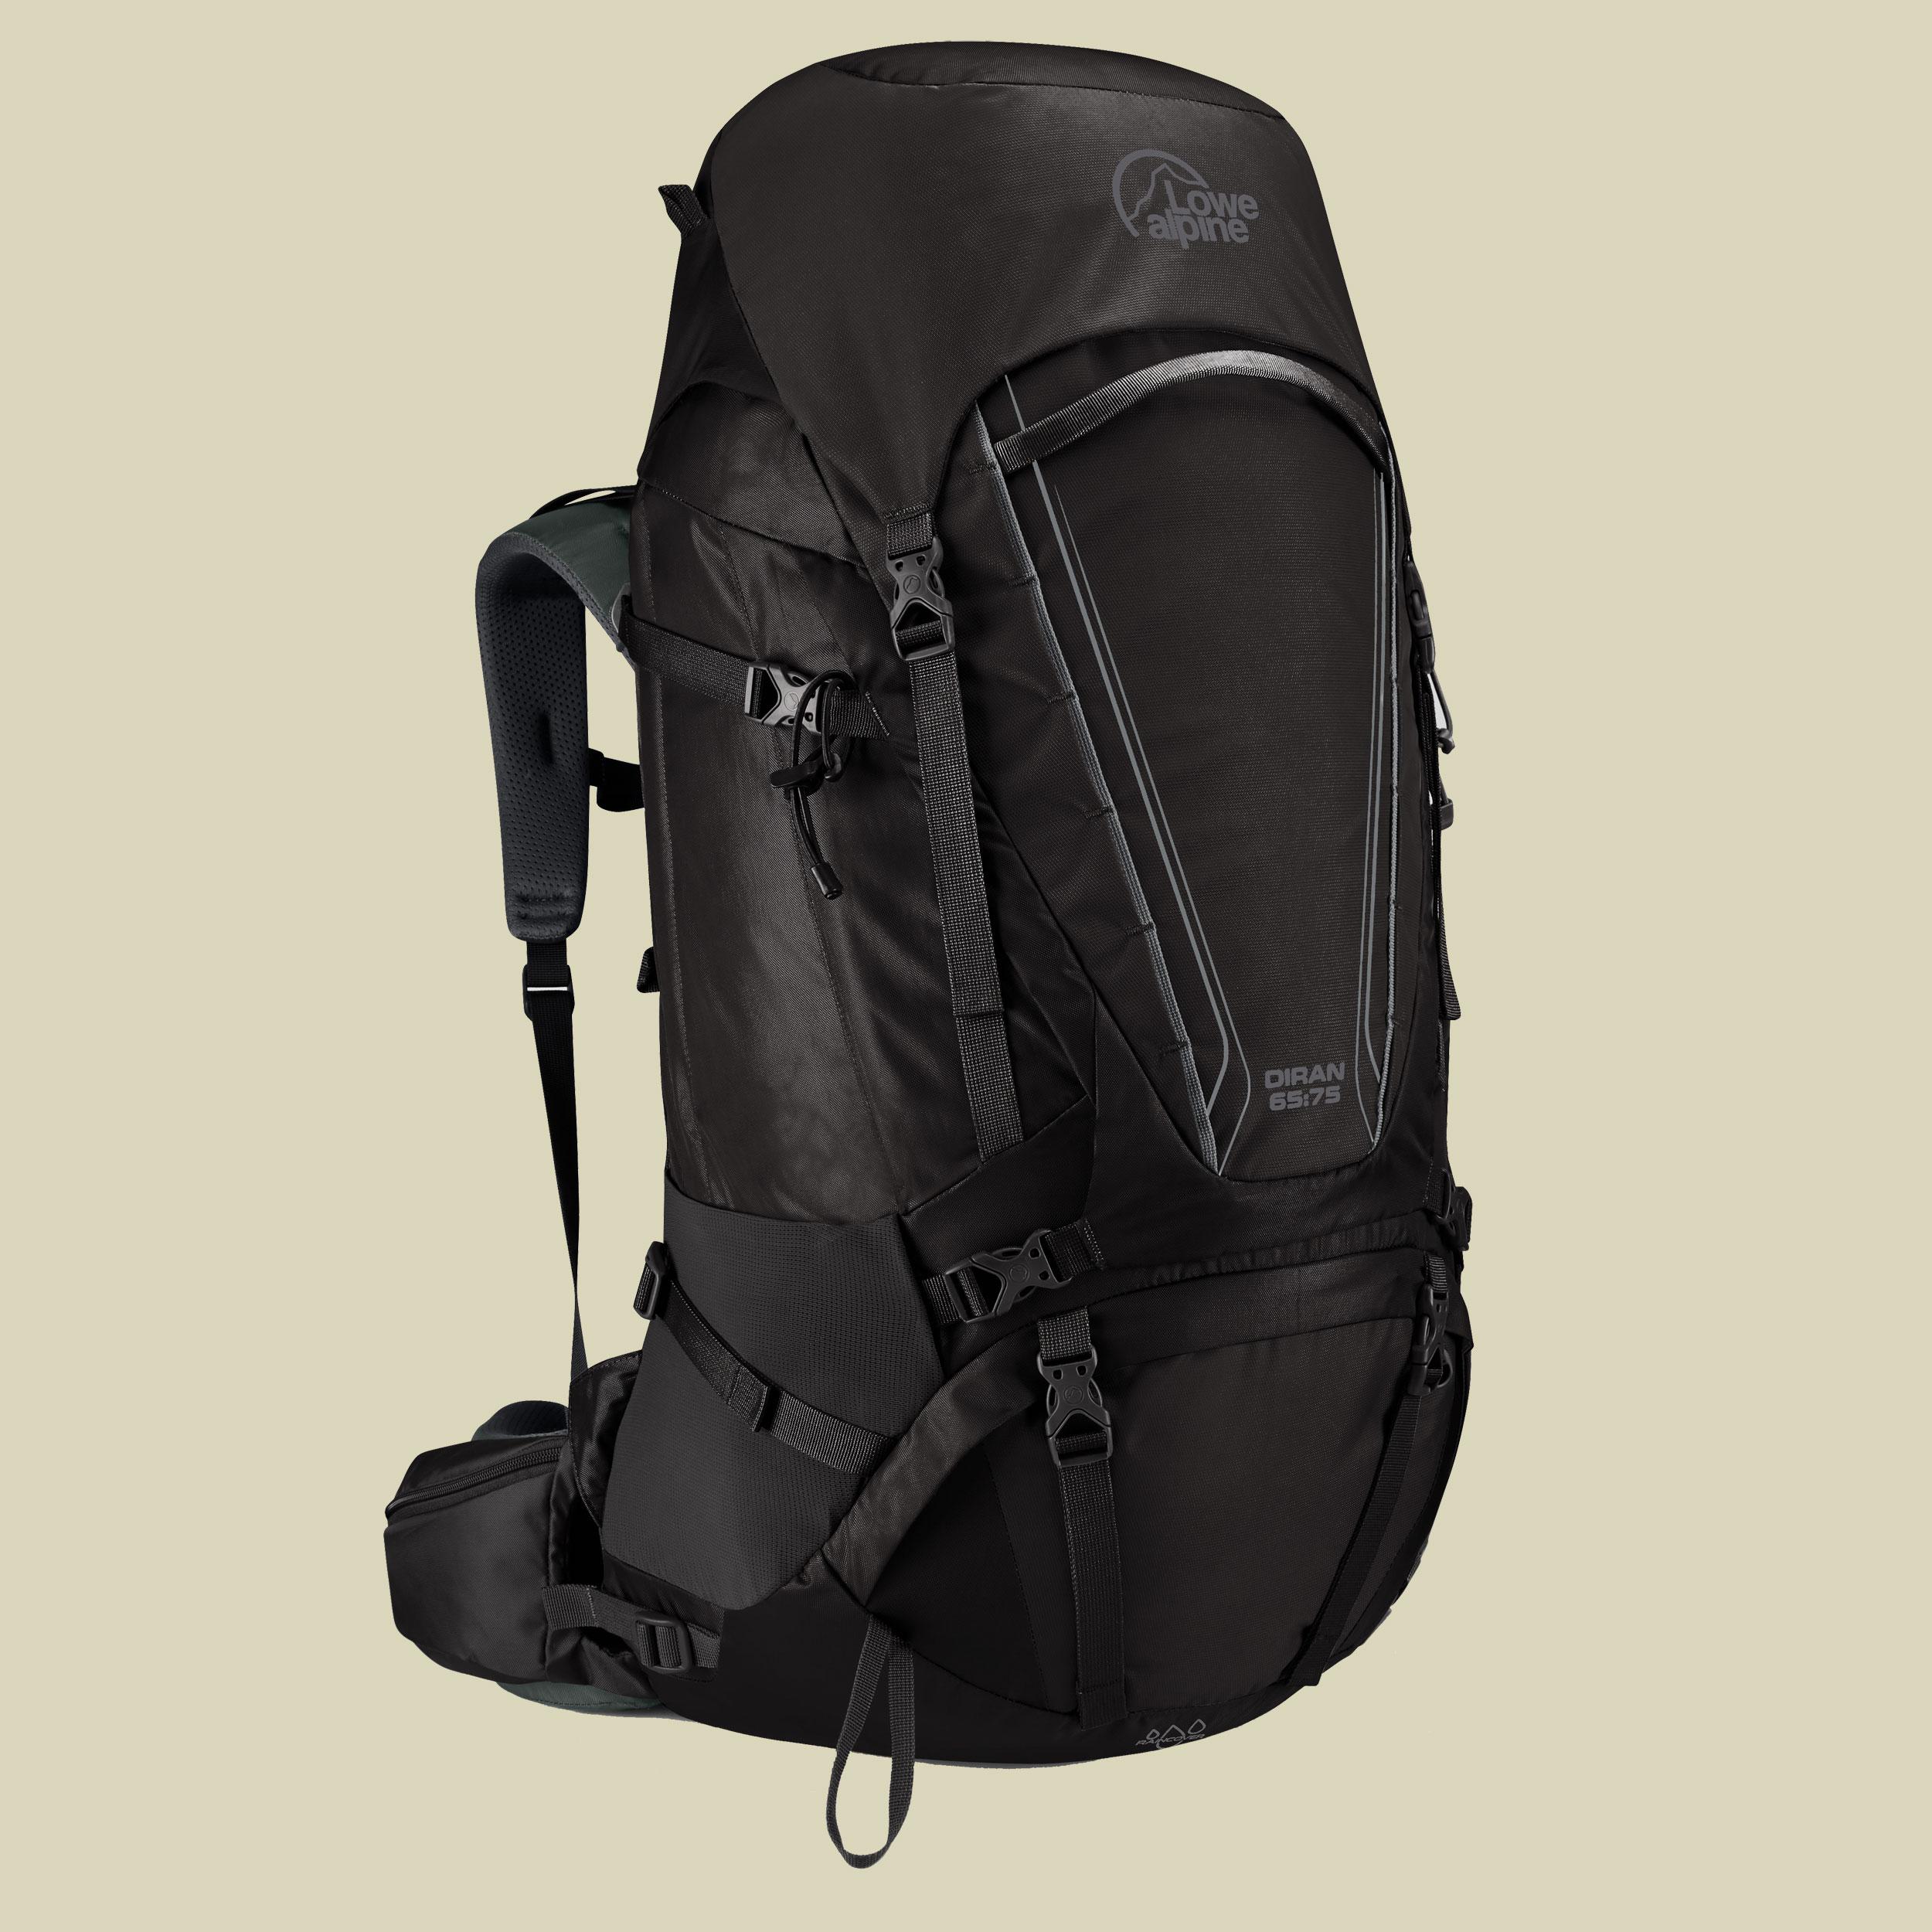 Lowe Alpine Diran 65:75 Trekkingrucksack Volumen 65 L + 10 L (Rückenlänge M/L) anthracite/grey